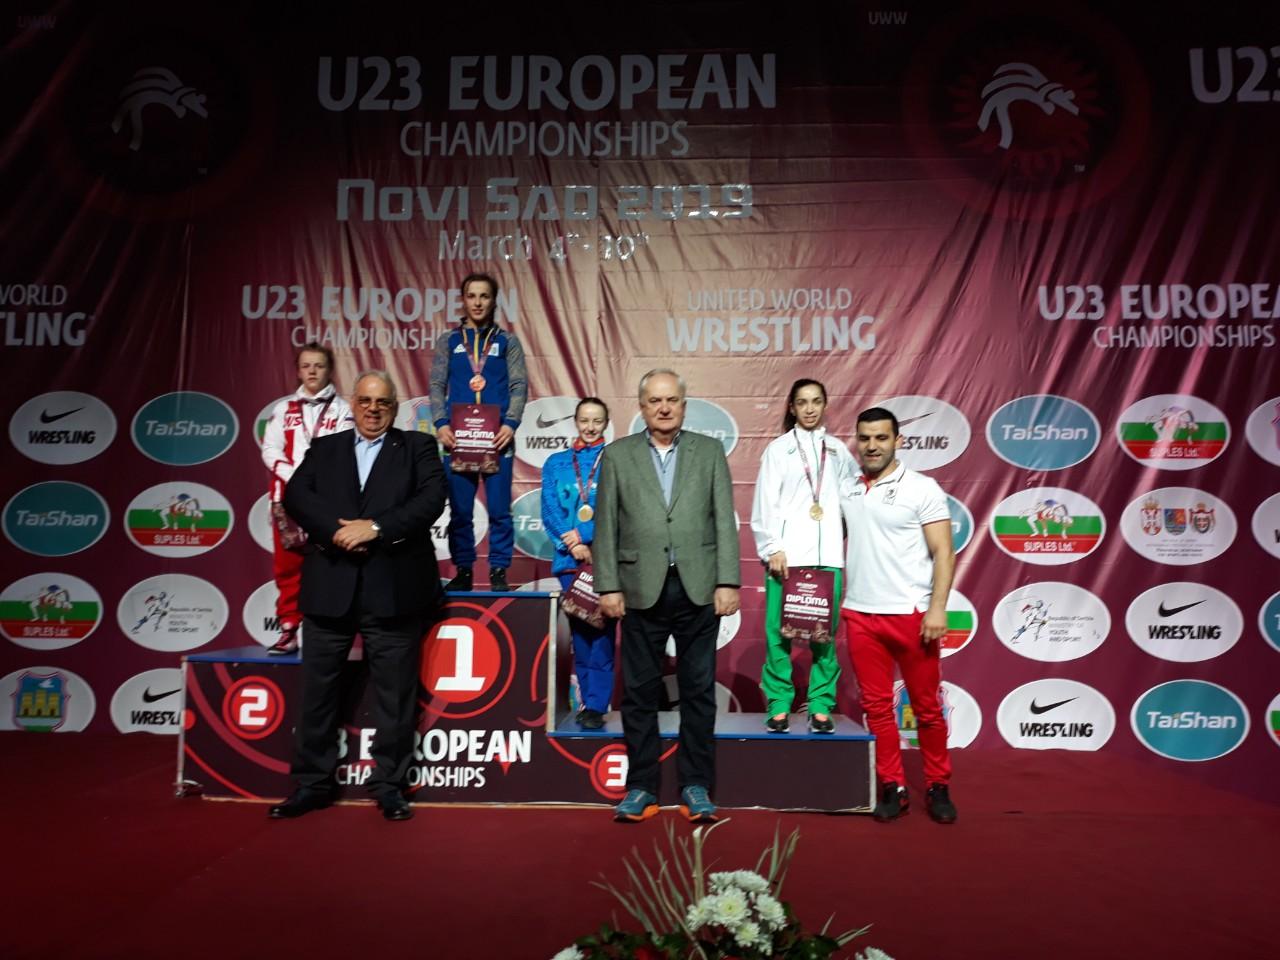 Още два медала за България от европейското по борба, днес започват свободняците